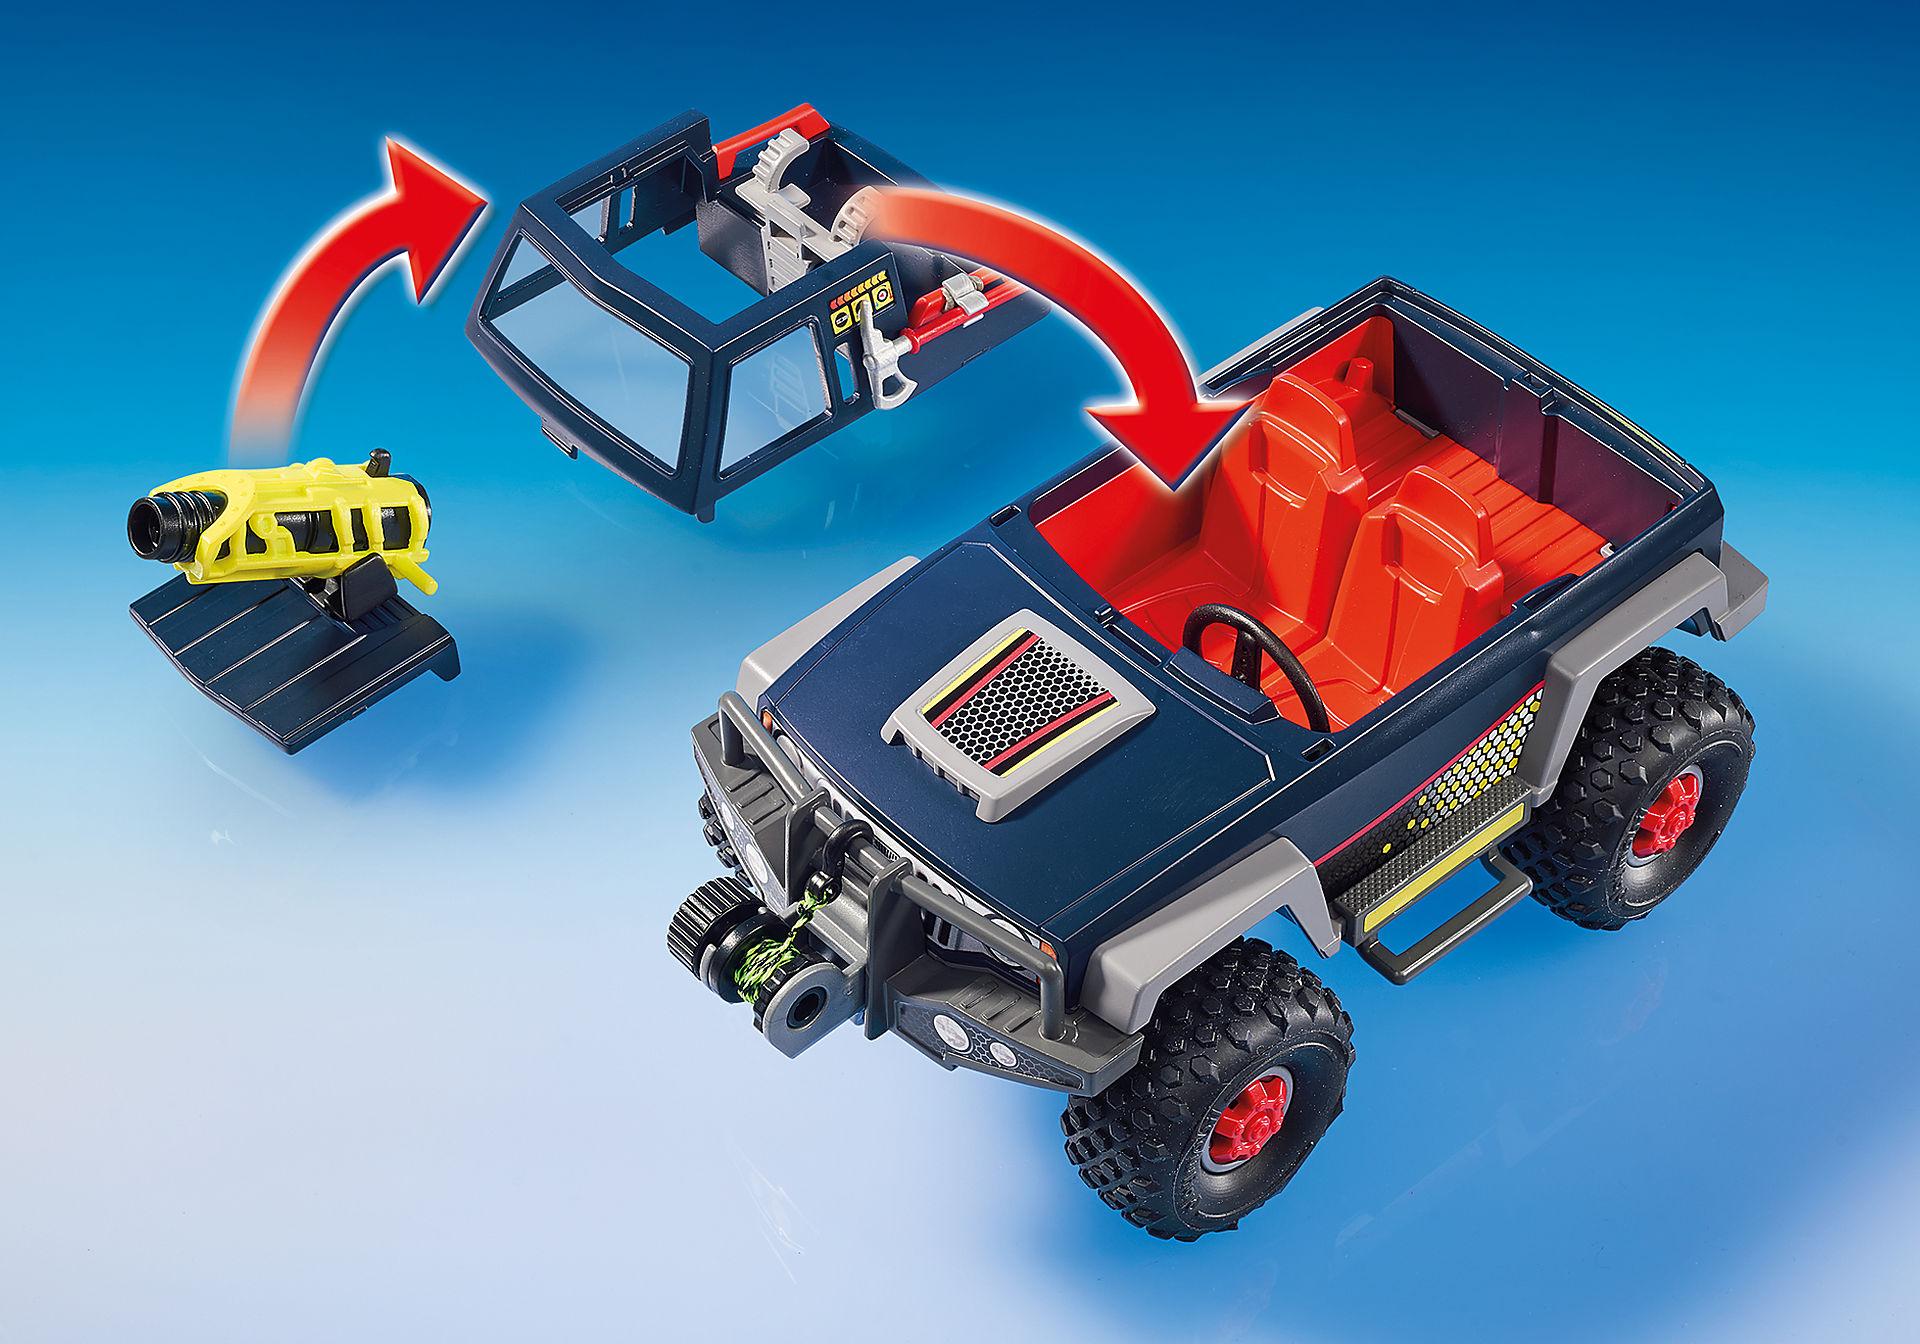 http://media.playmobil.com/i/playmobil/9059_product_extra2/Sneeuwterreinwagen met ijspiraten